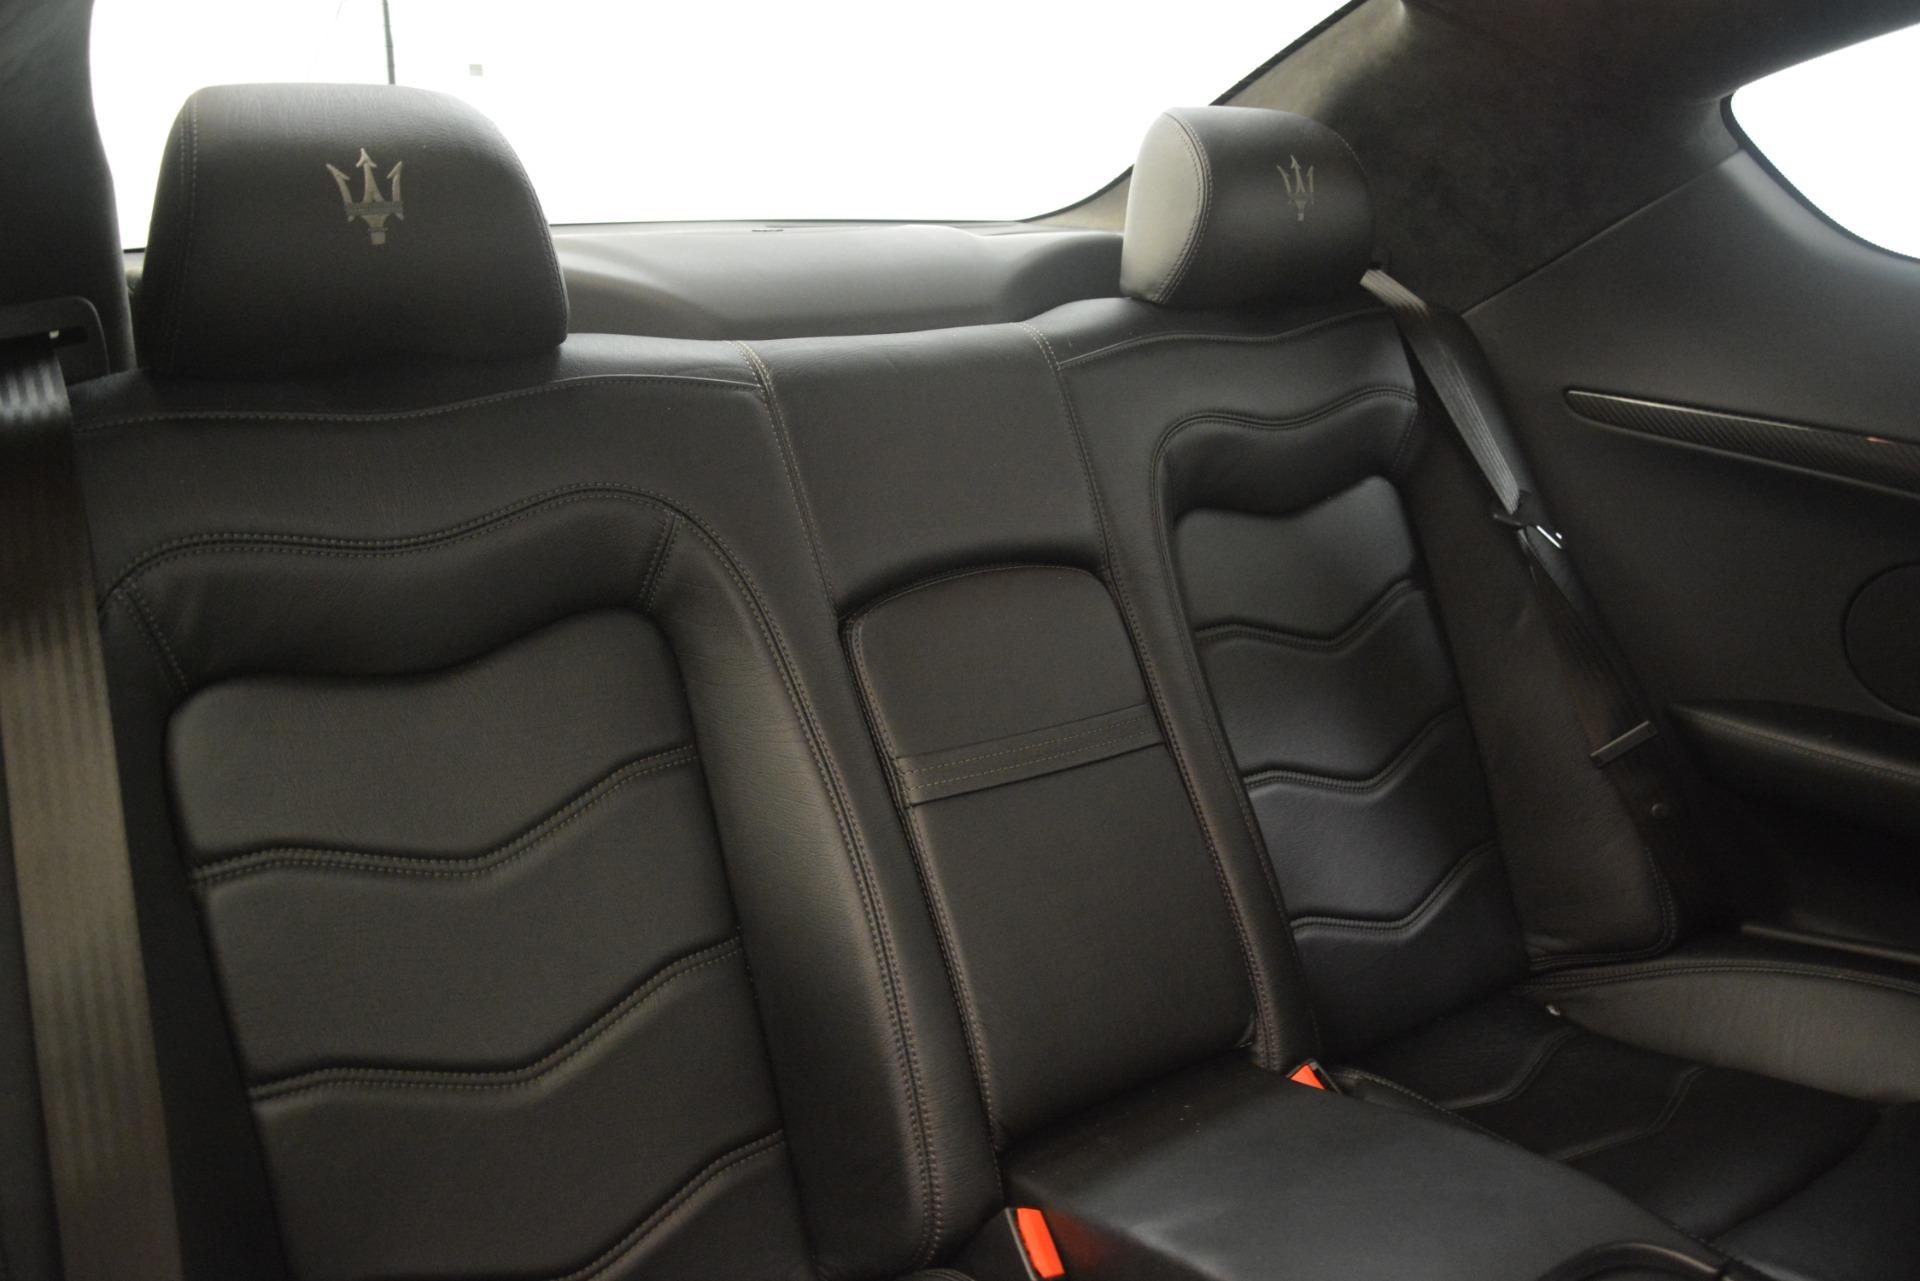 Used 2012 Maserati GranTurismo MC For Sale In Greenwich, CT 1284_p23